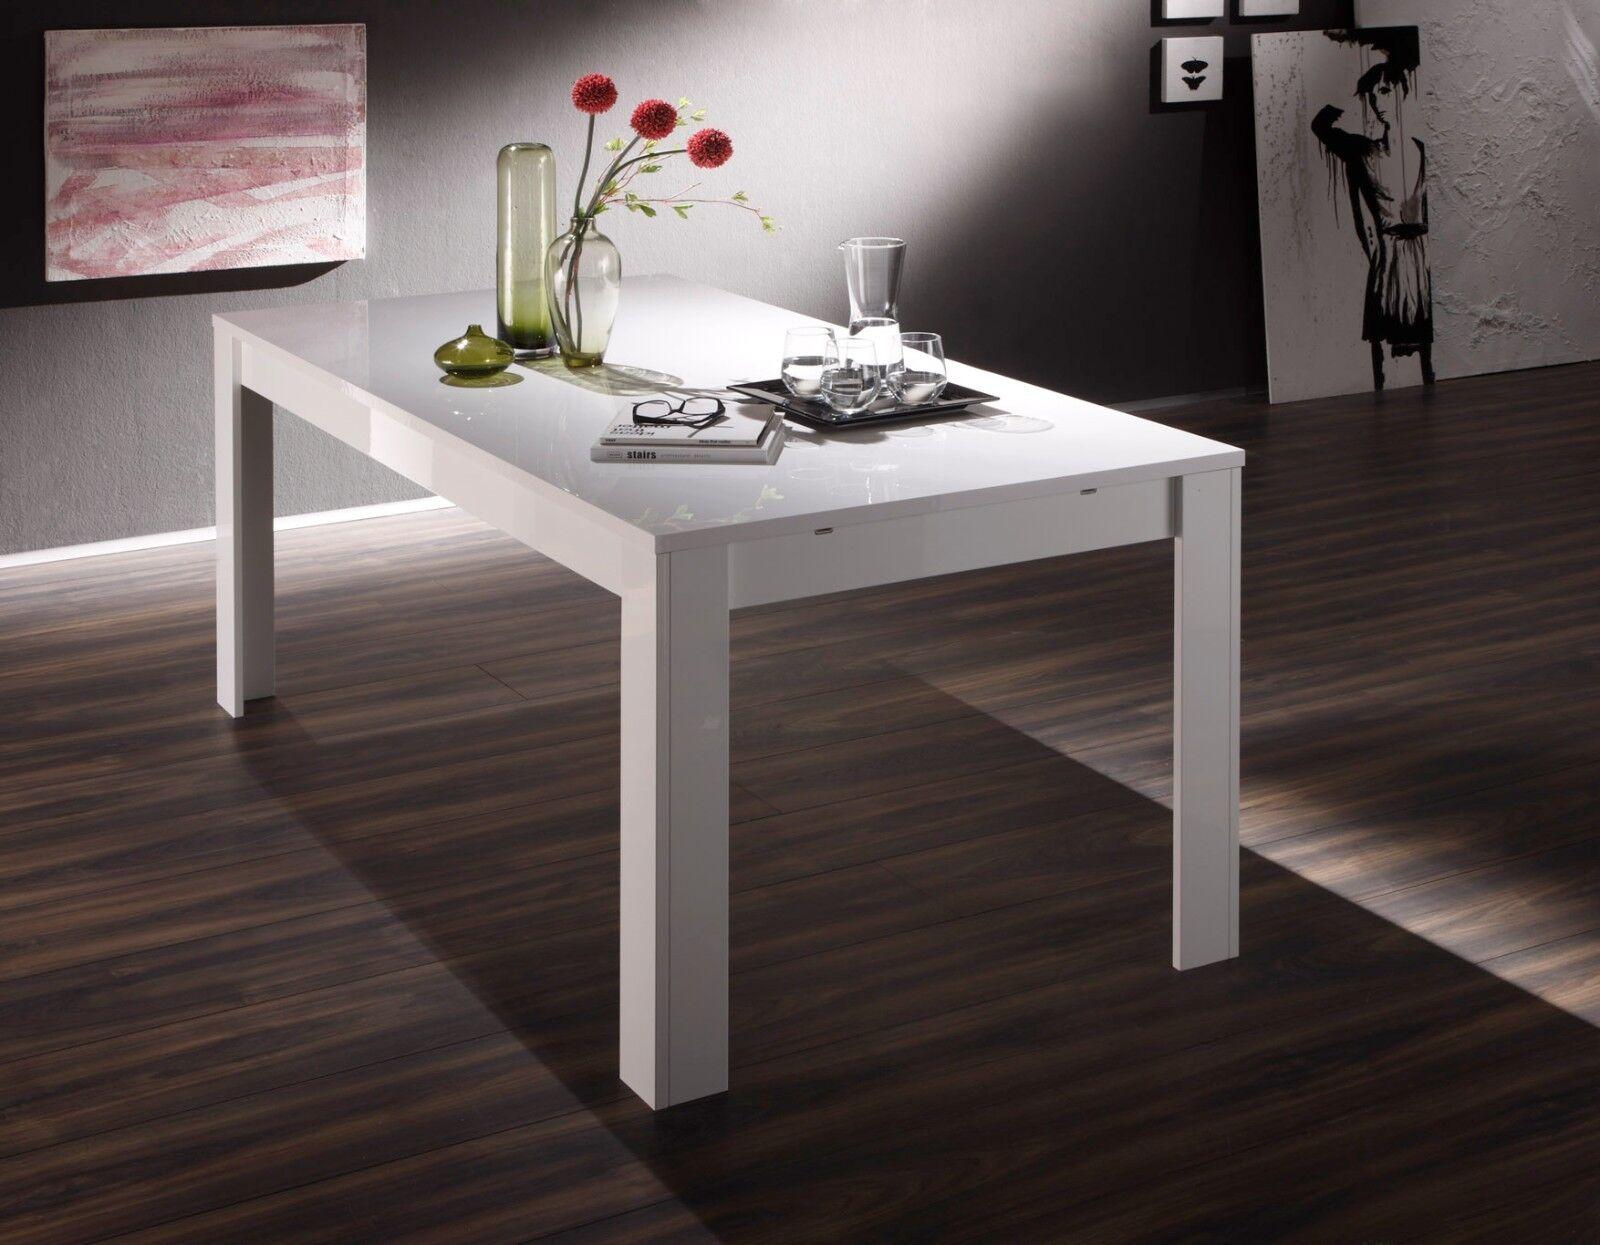 Tavolo da pranzo fisso allungabile moderno Amalfi bianco lucido sala soggiorno